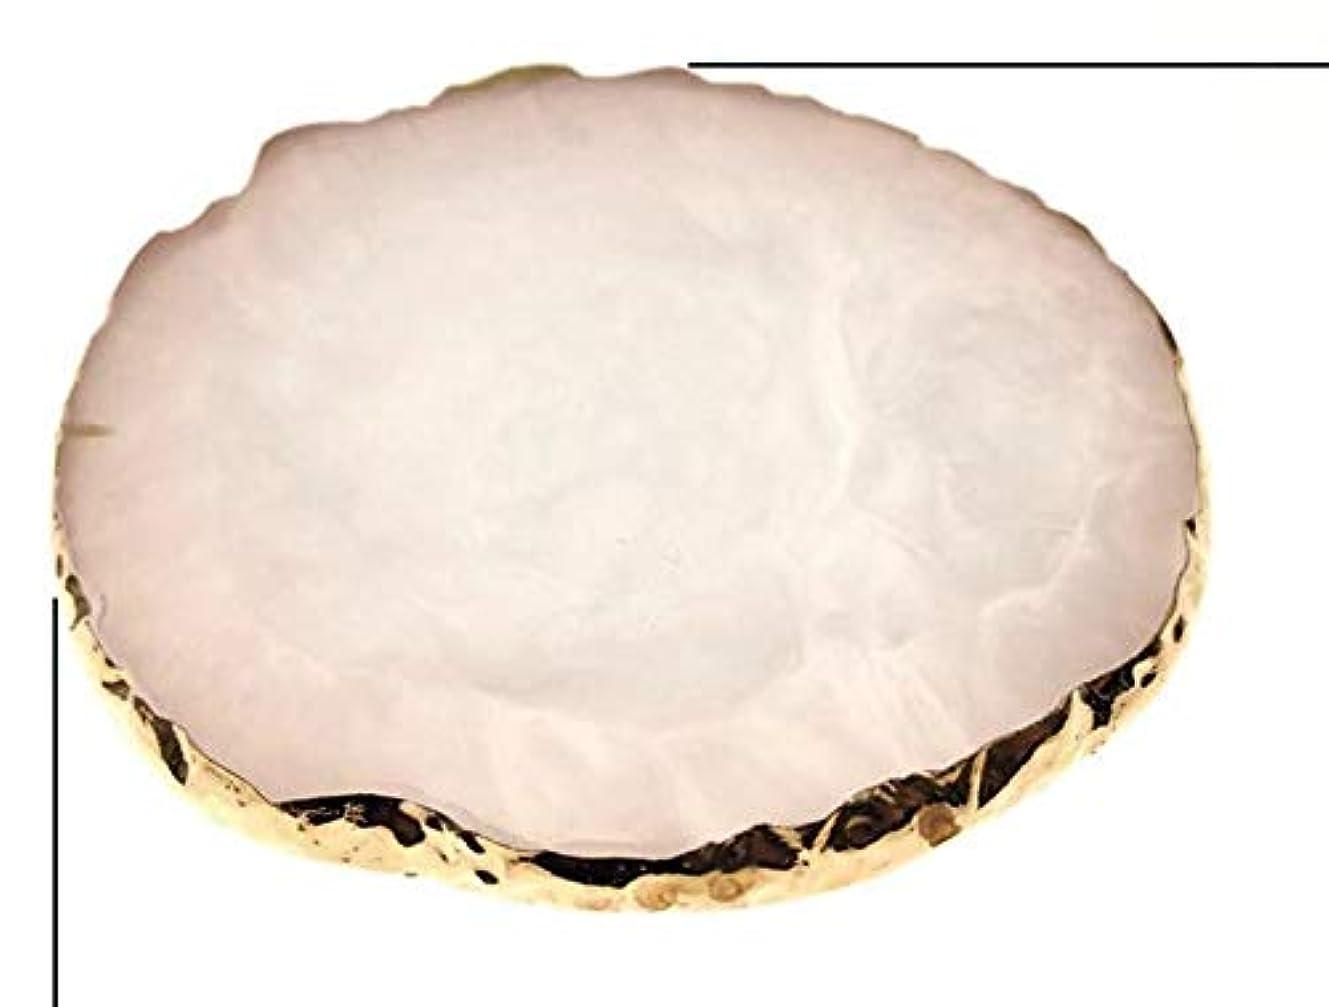 カエルフリンジ分配しますGlitter Powderジェルネイル ホワイト ネイル ジェルネイル パレット プレート ディスプレイ 天然石風 展示用 アゲートプレート デコ アクセサリー ジェルネイル (ホワイト)